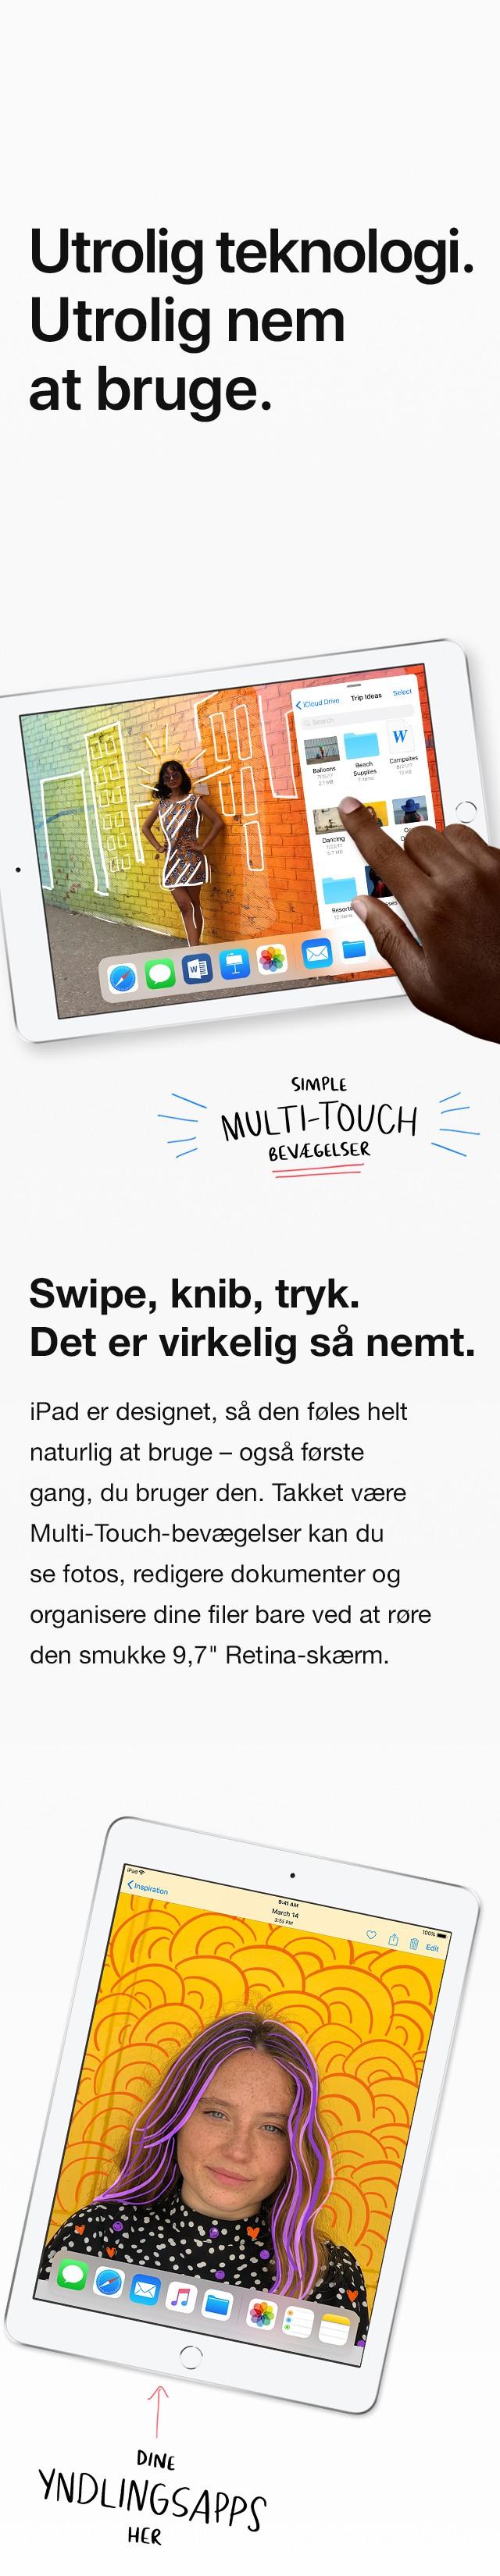 Med multi-touch føles det helt naturligt at bruge iPad'en